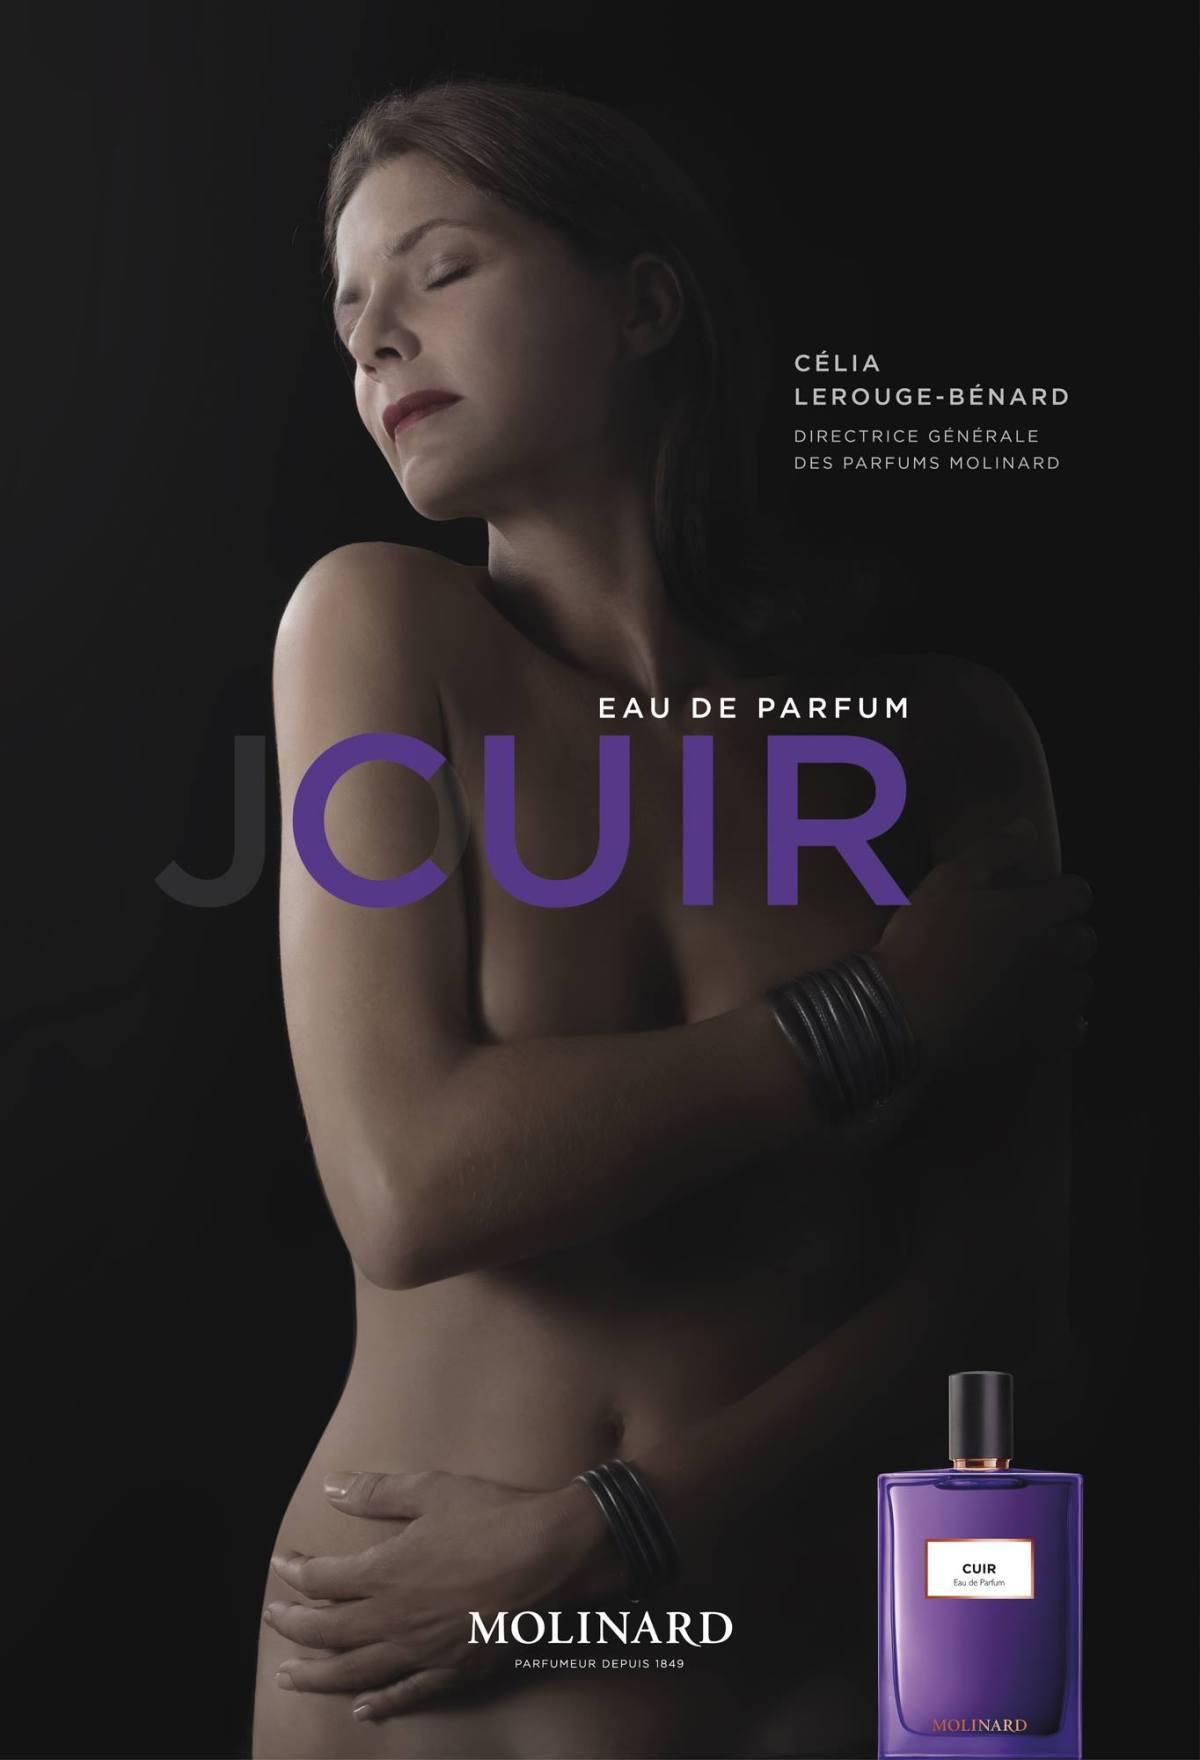 eau-de-parfum-cuir-molinard-sensuel-femme-nue-avis